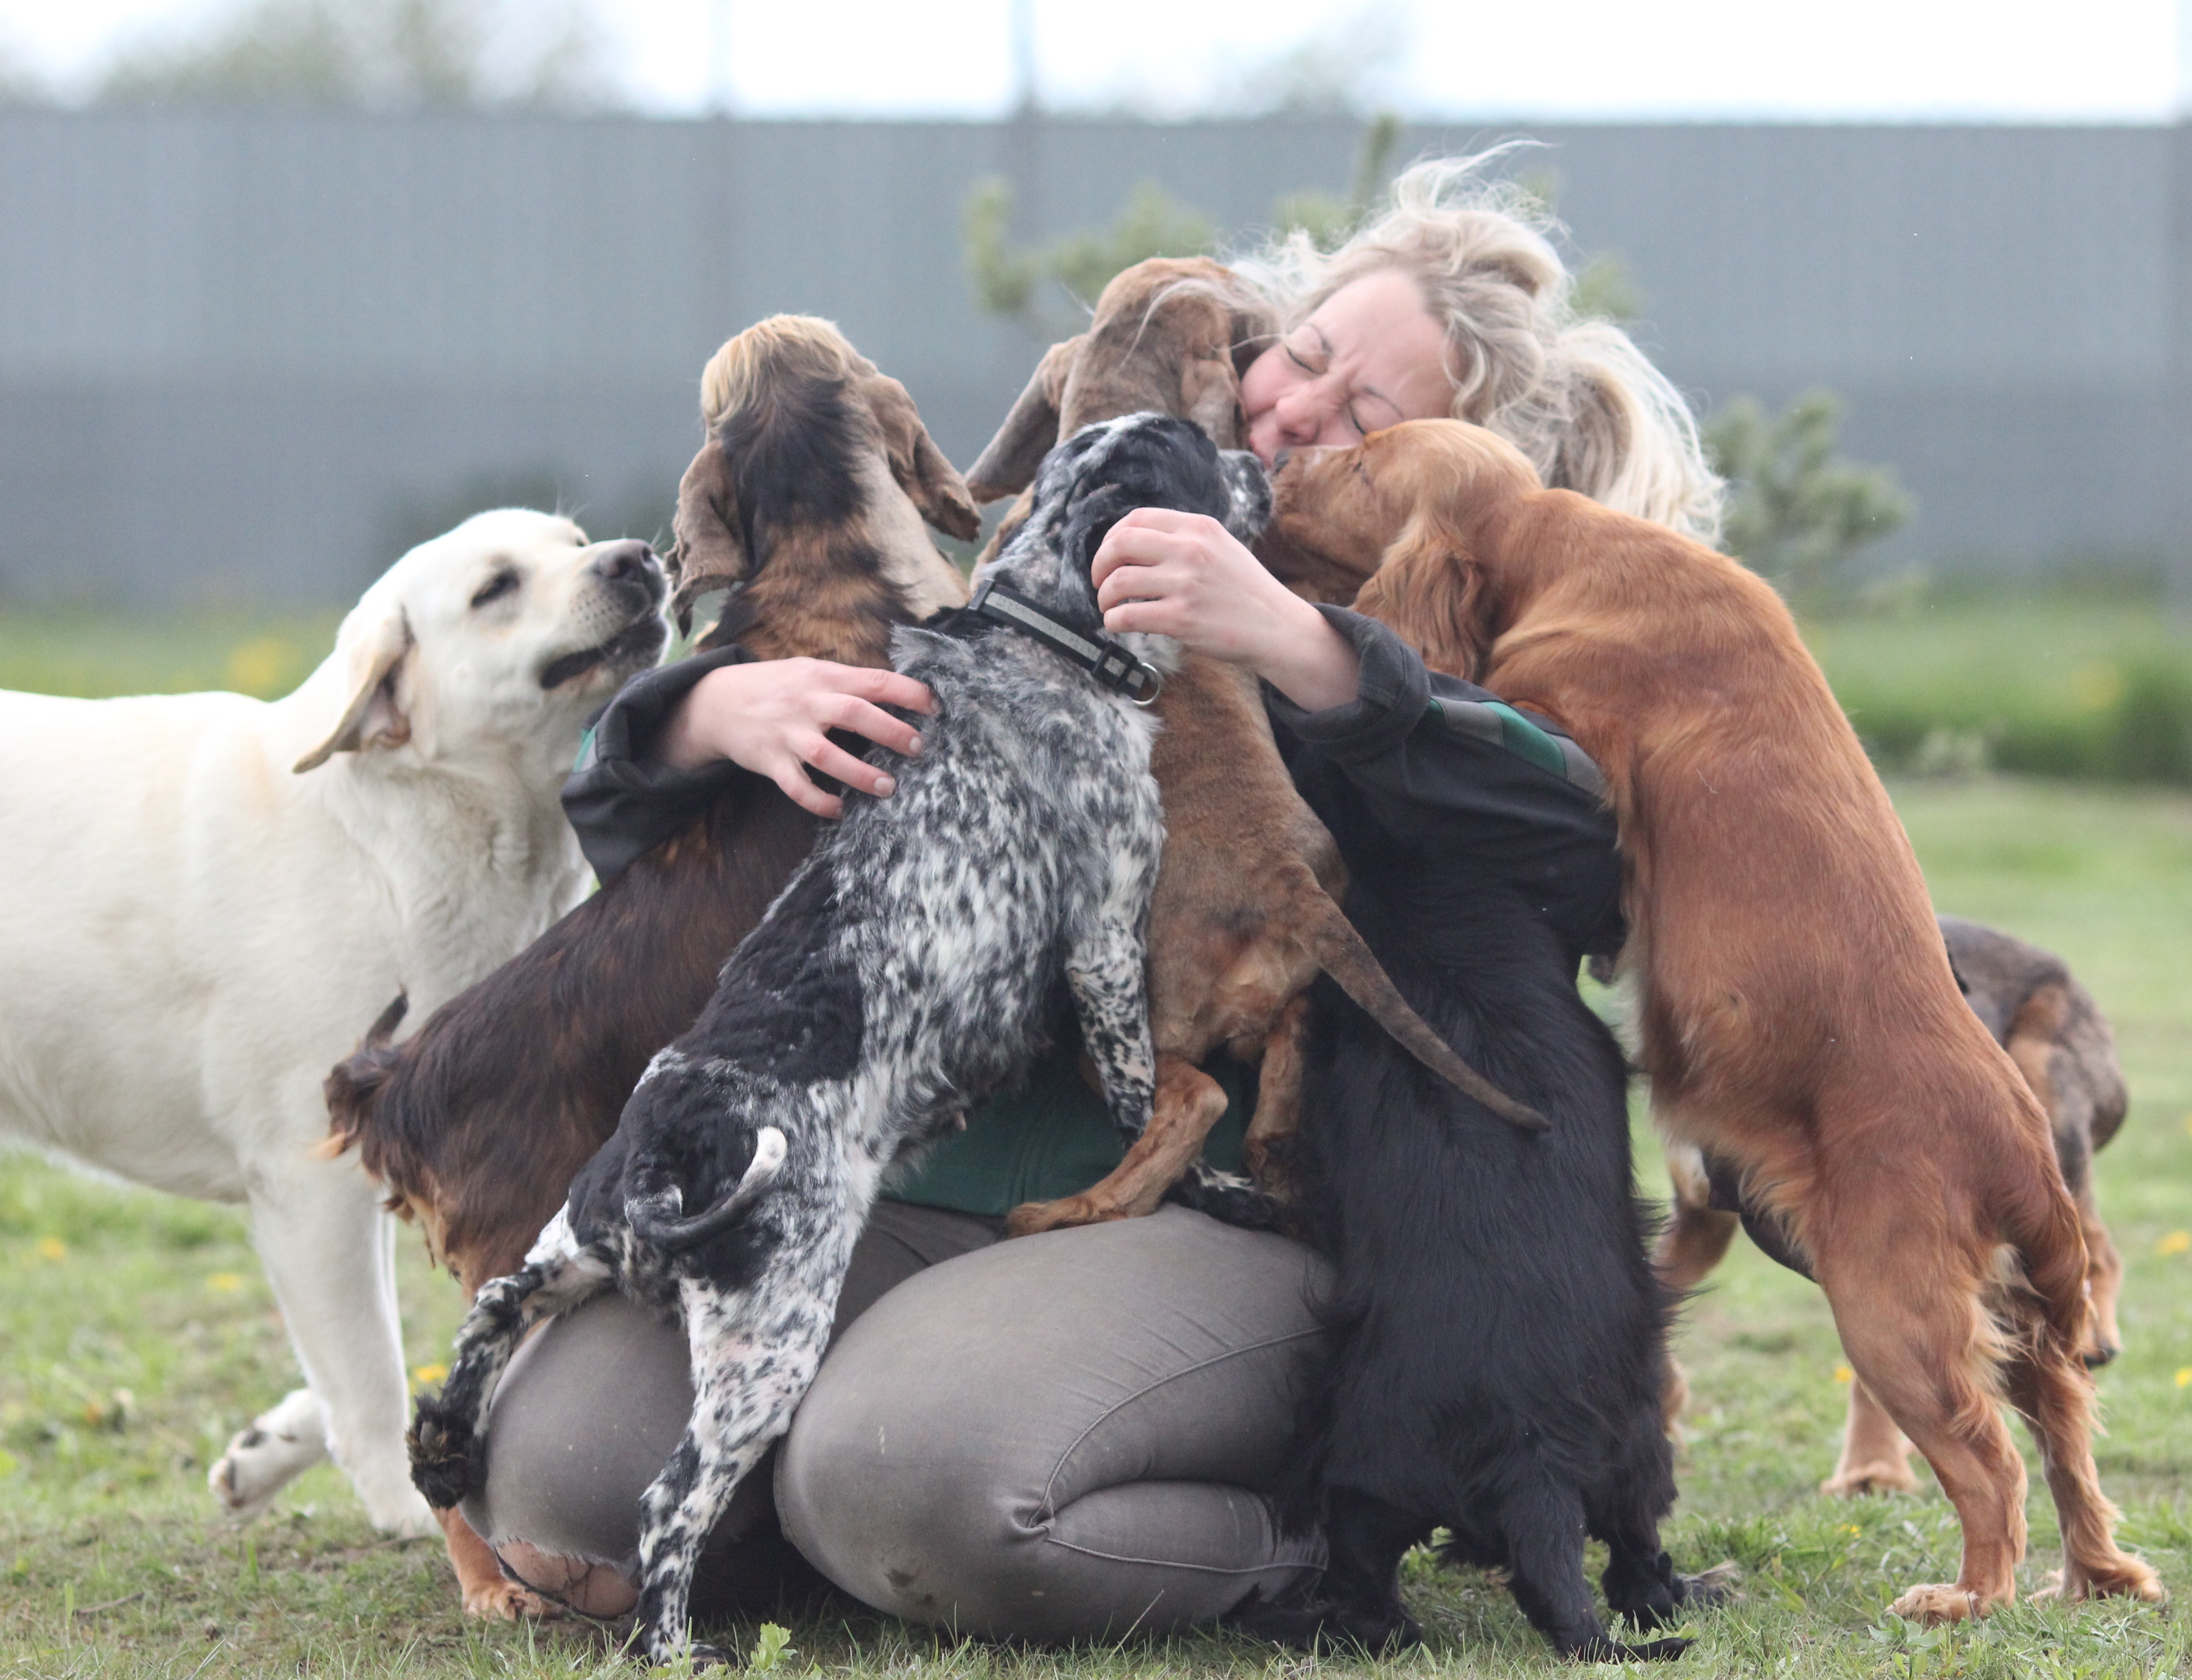 dyreinternat hunde københavn